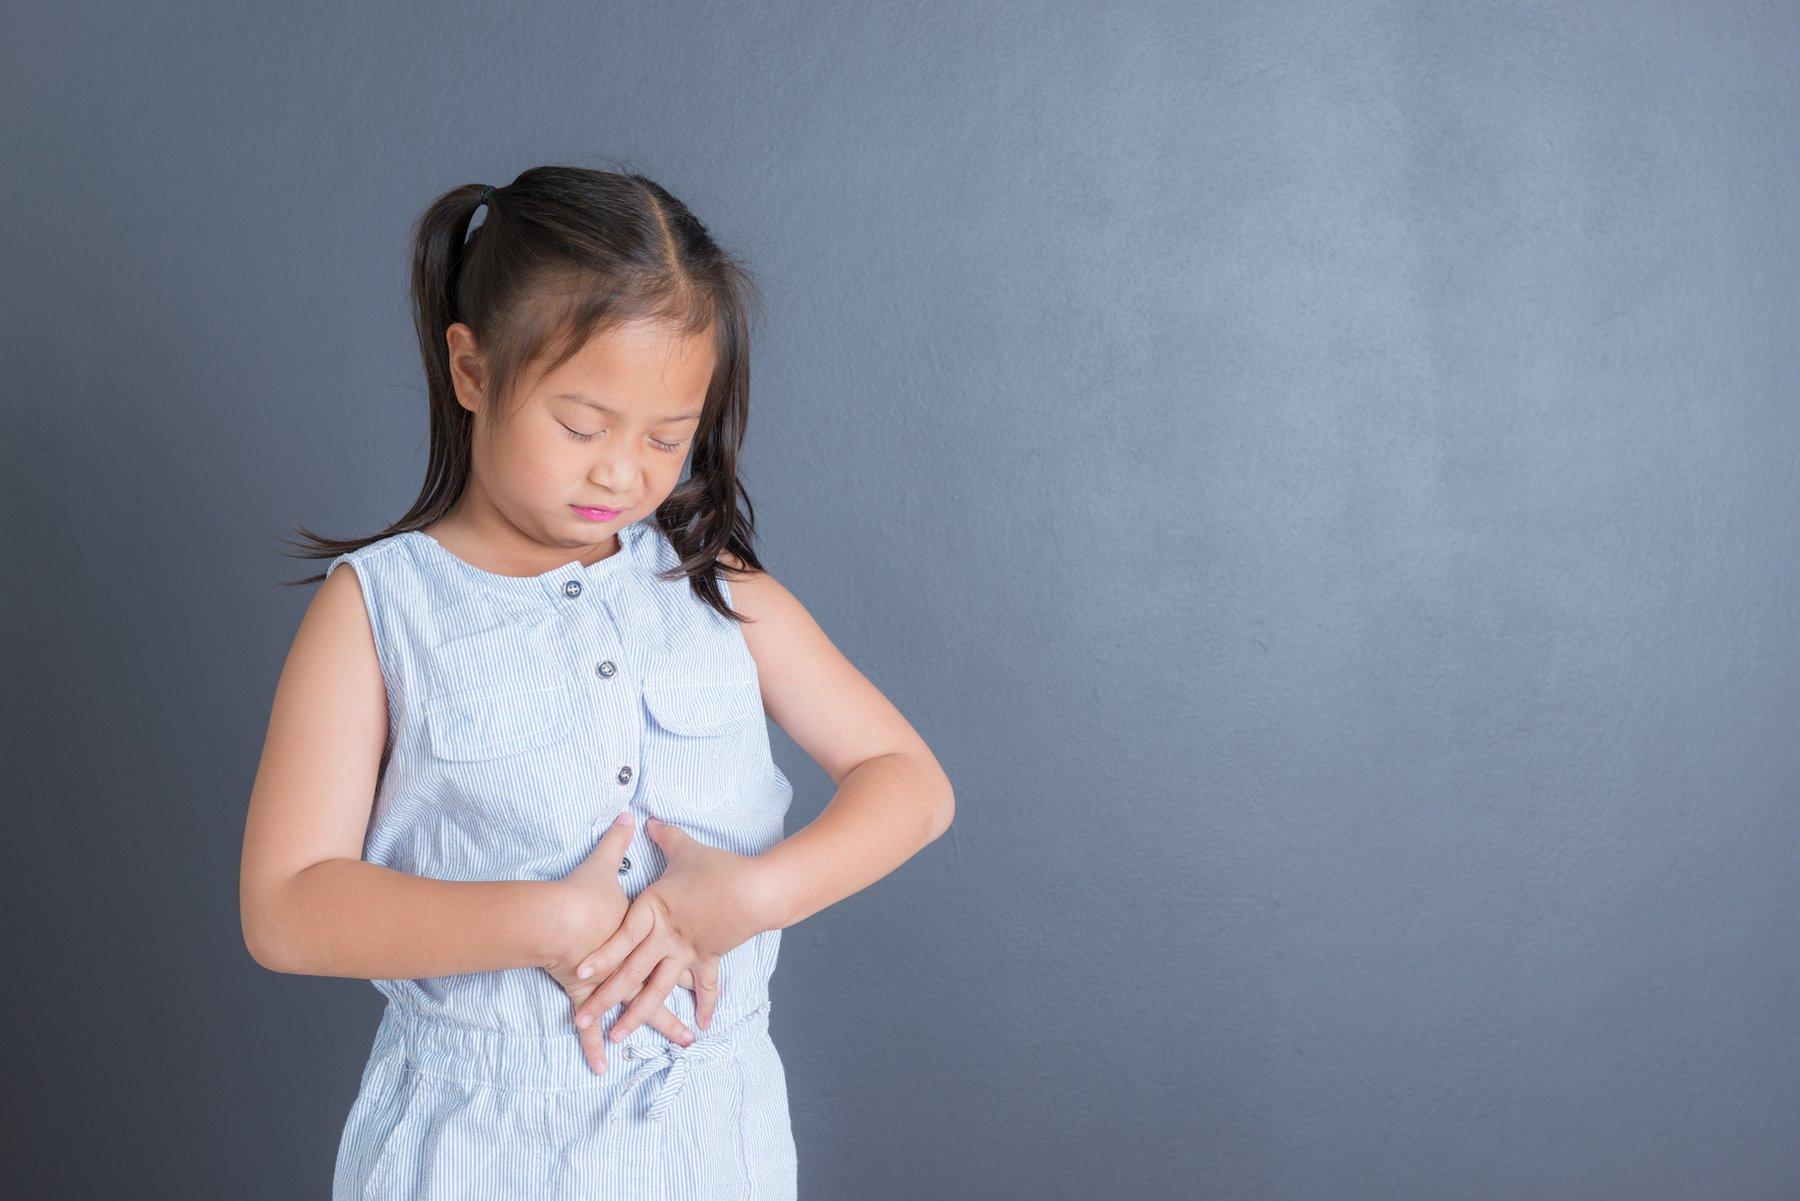 Các phương pháp điều trị rối loạn tiêu hóa cho trẻ em